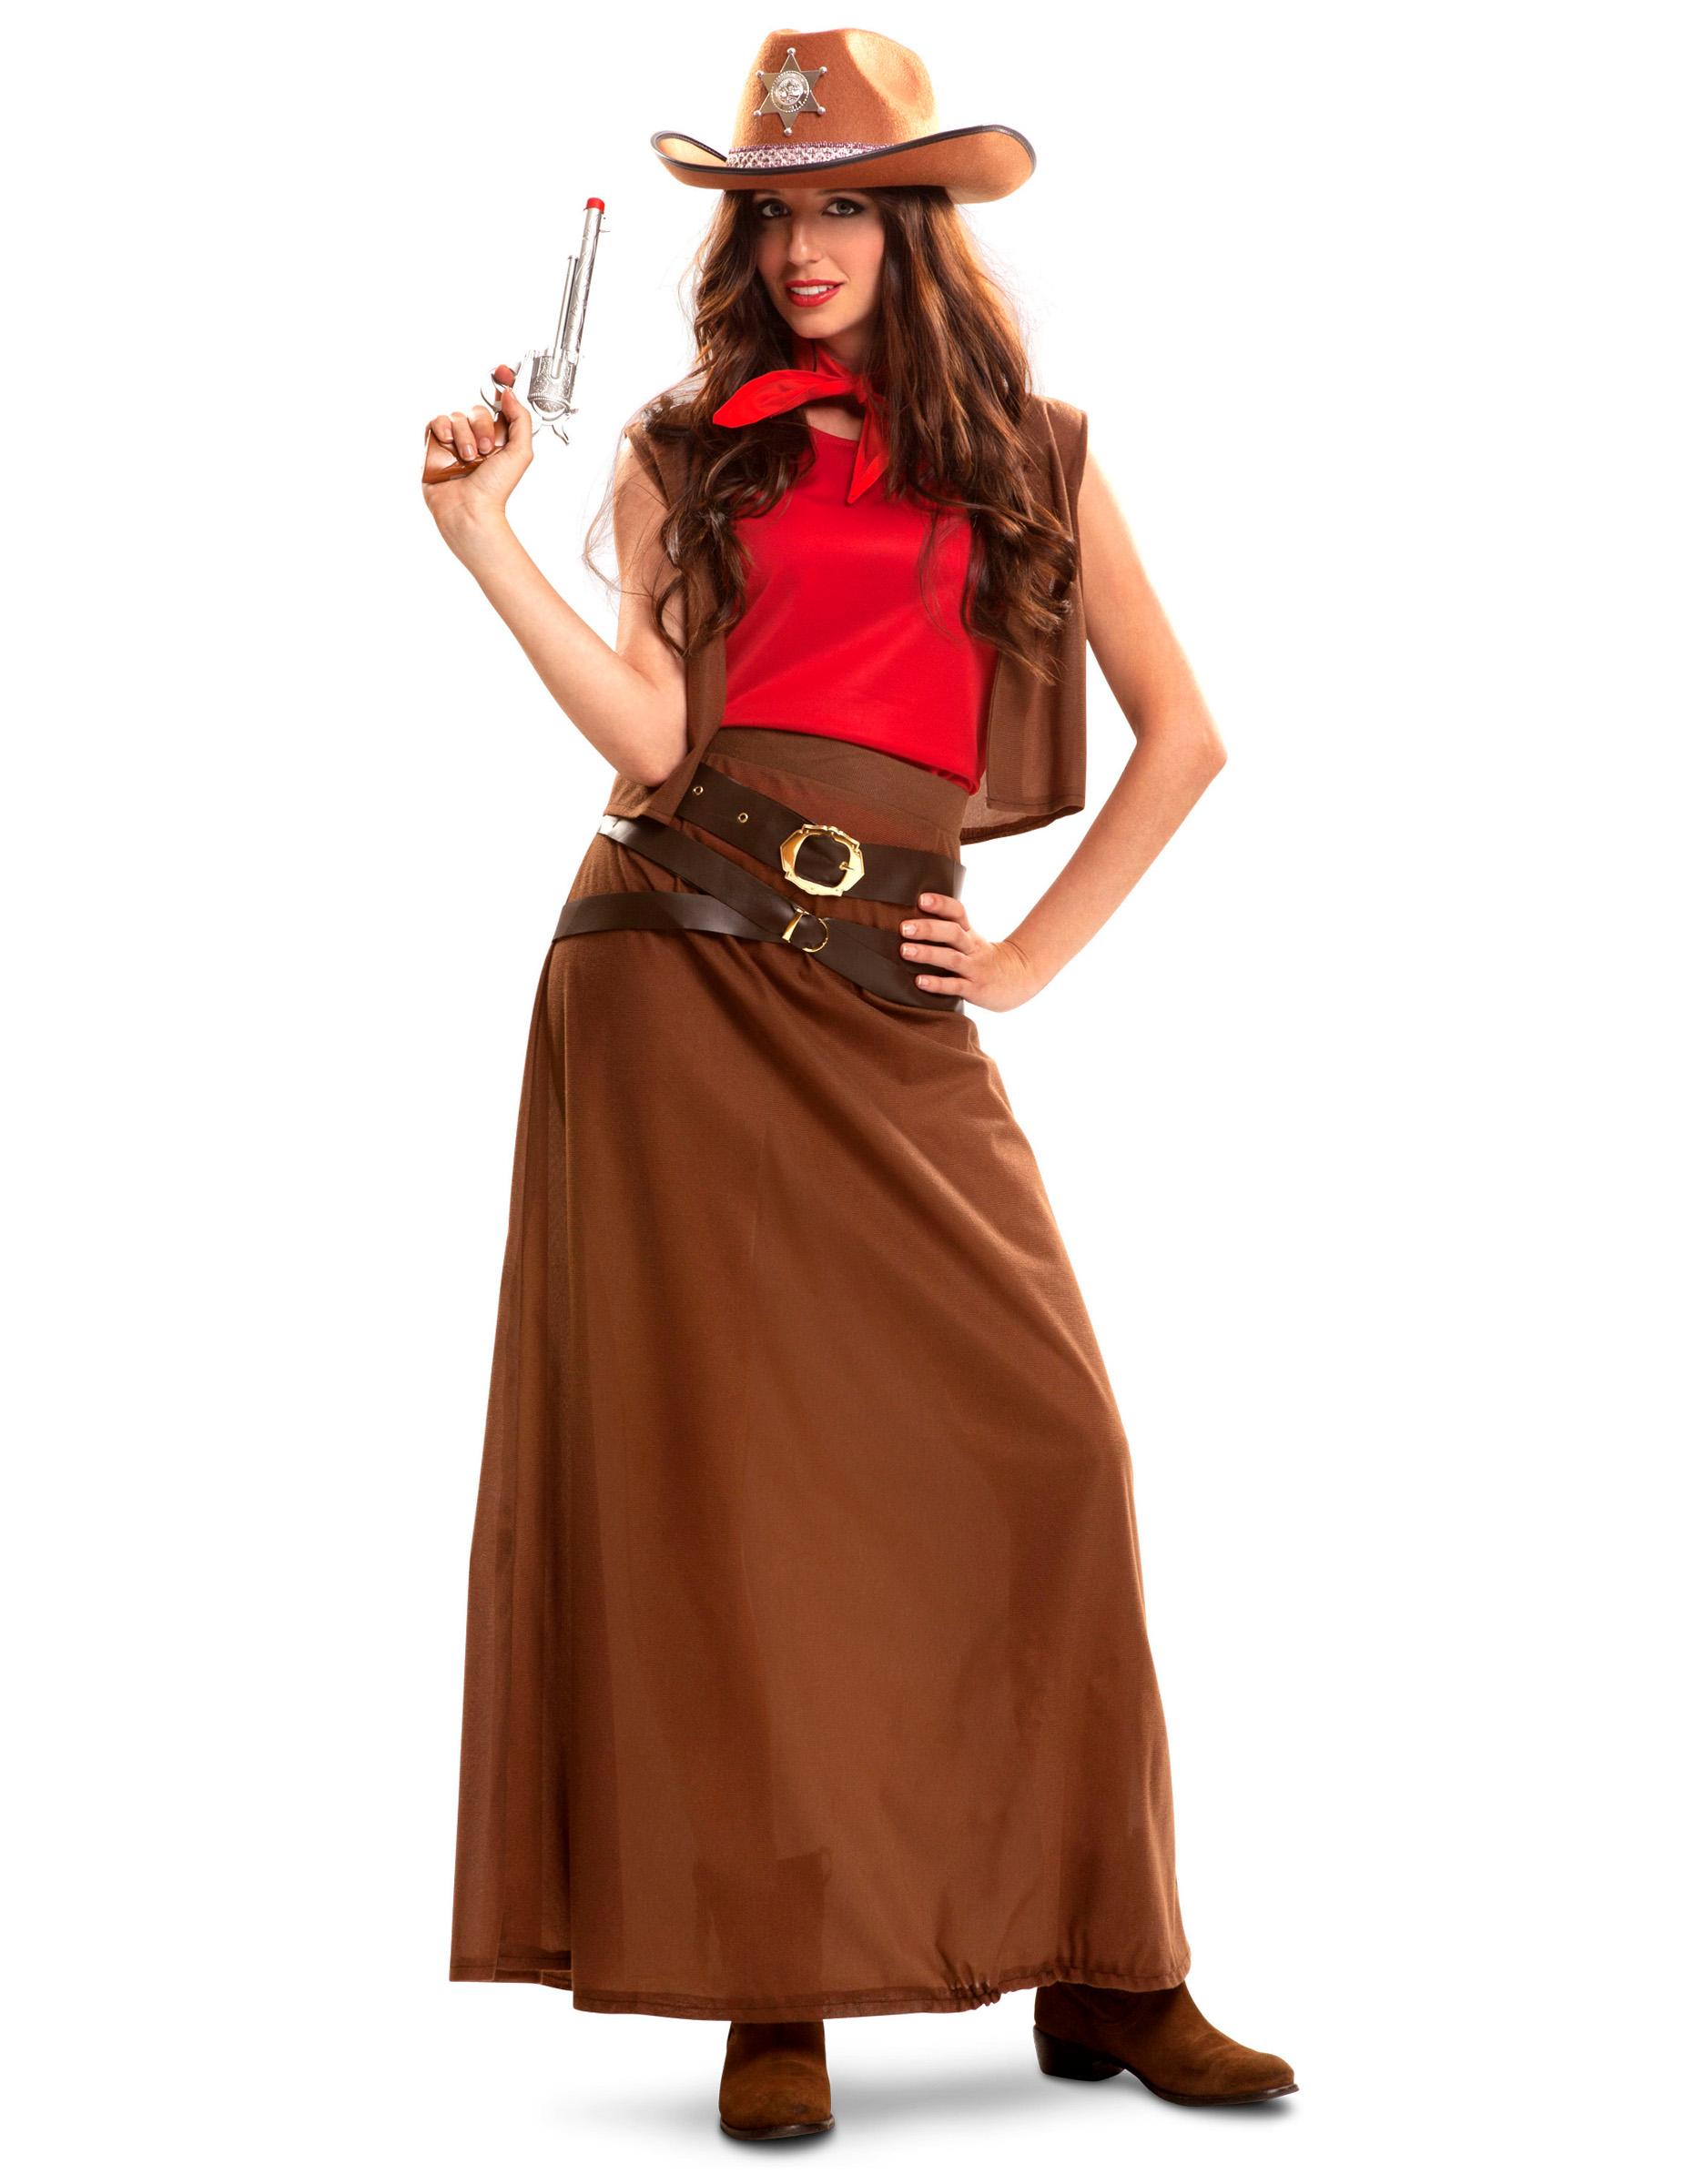 d guisement cowgirl robe longue femme deguise toi achat de d guisements adultes. Black Bedroom Furniture Sets. Home Design Ideas